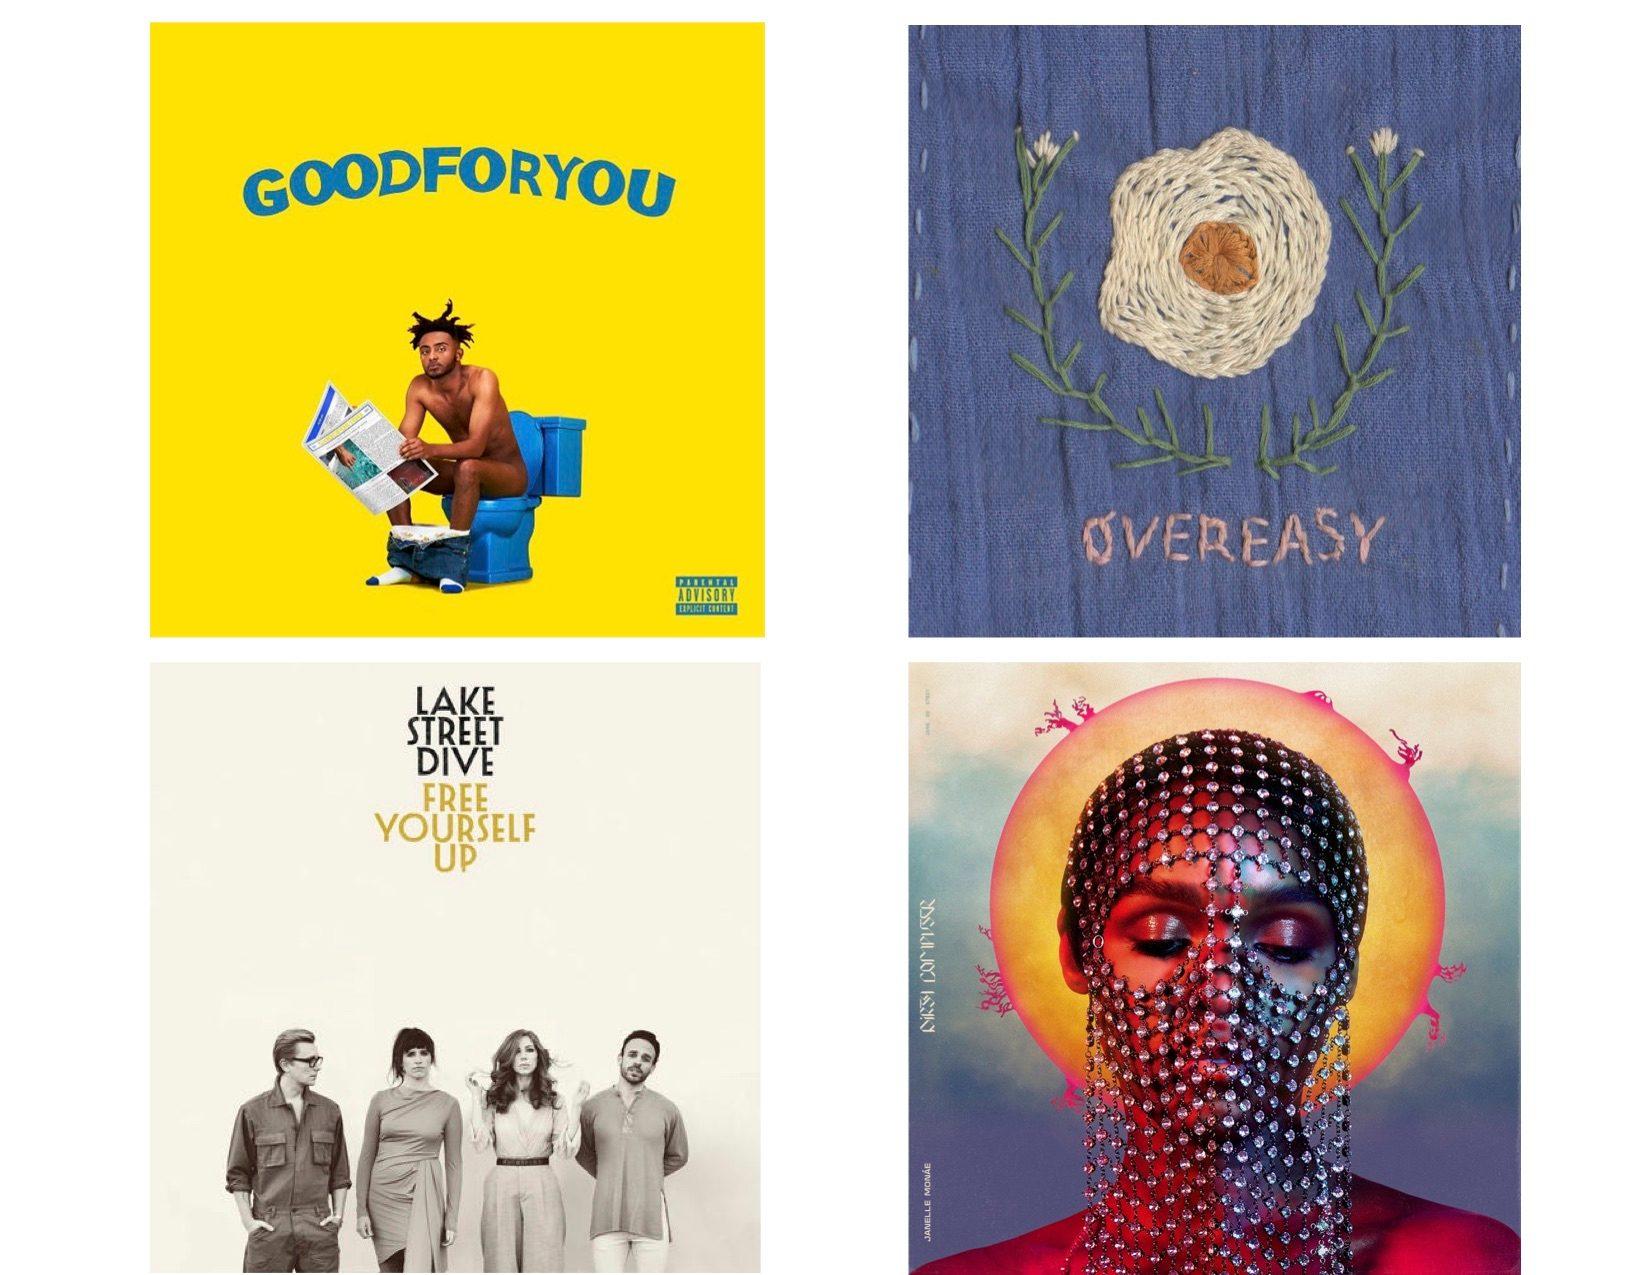 Four album covers